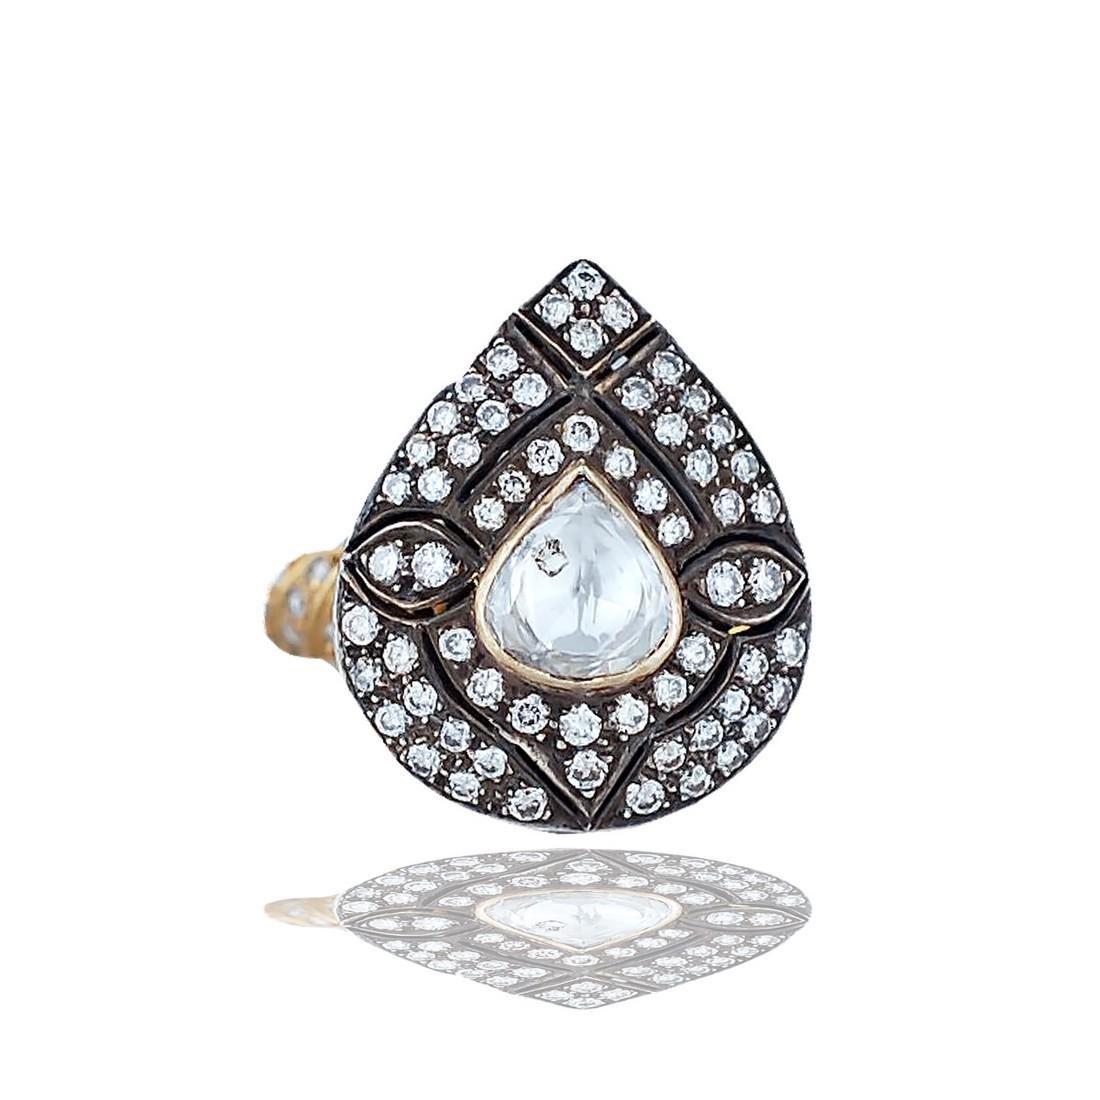 Gregorian, Solitaire Diamond, 1.65 tw, 14 Karat Two